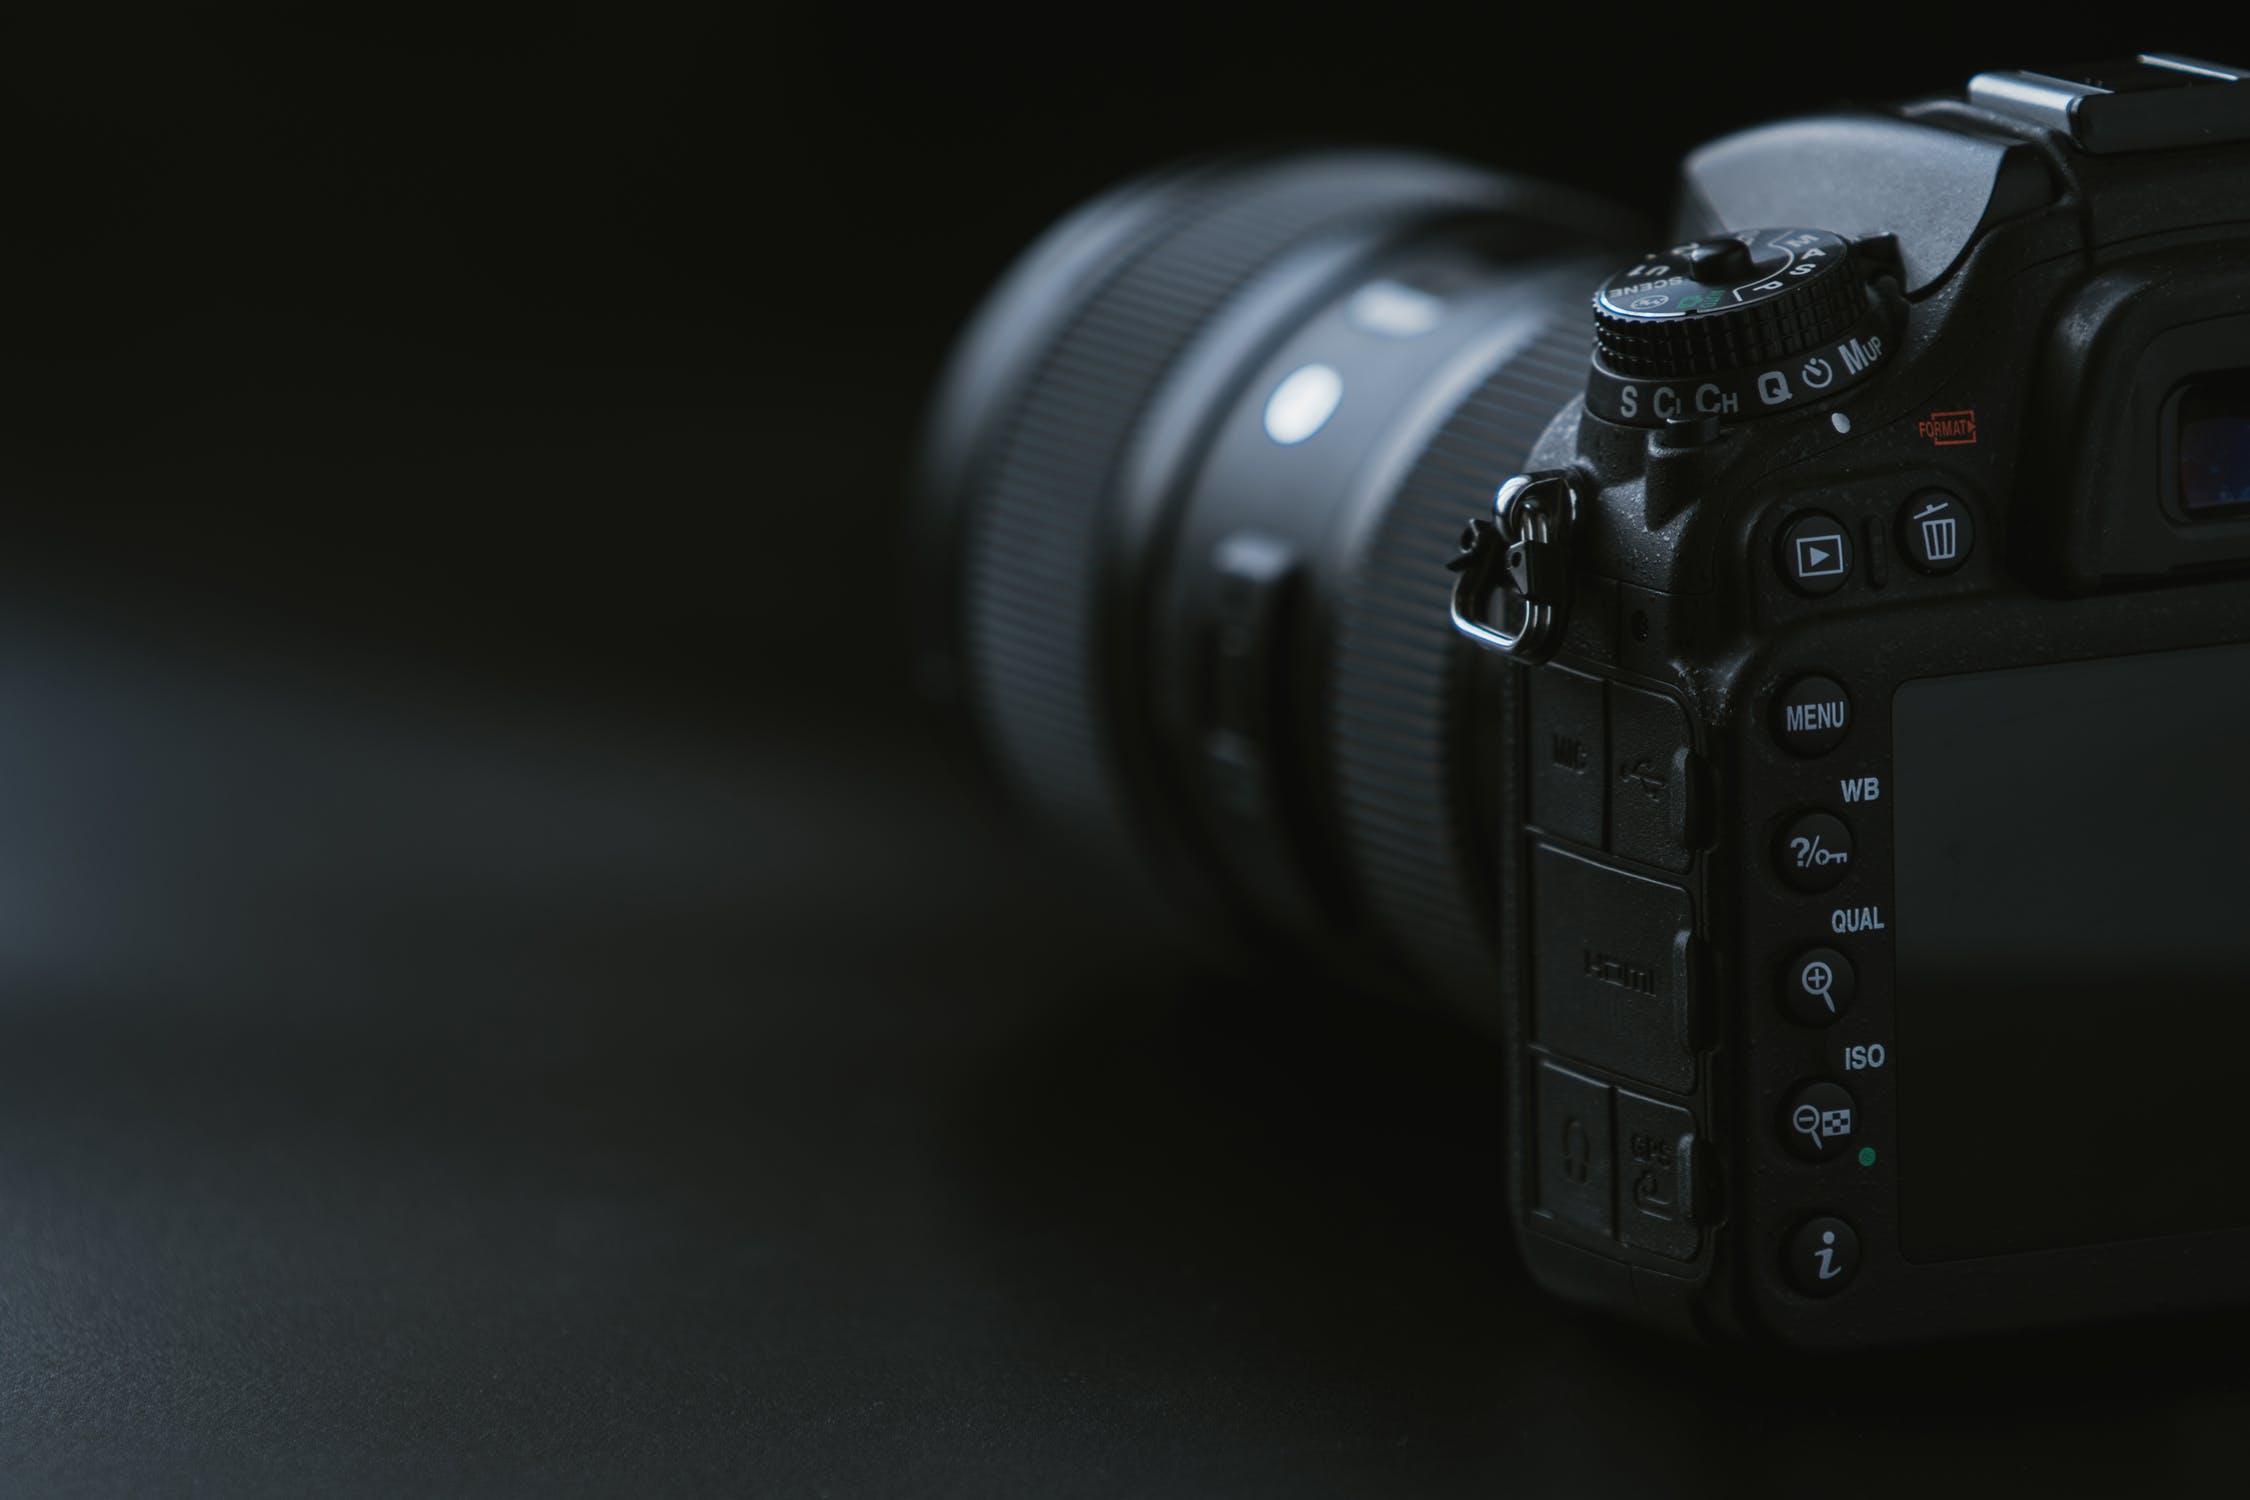 beste systeemcamera uit de test van 2020